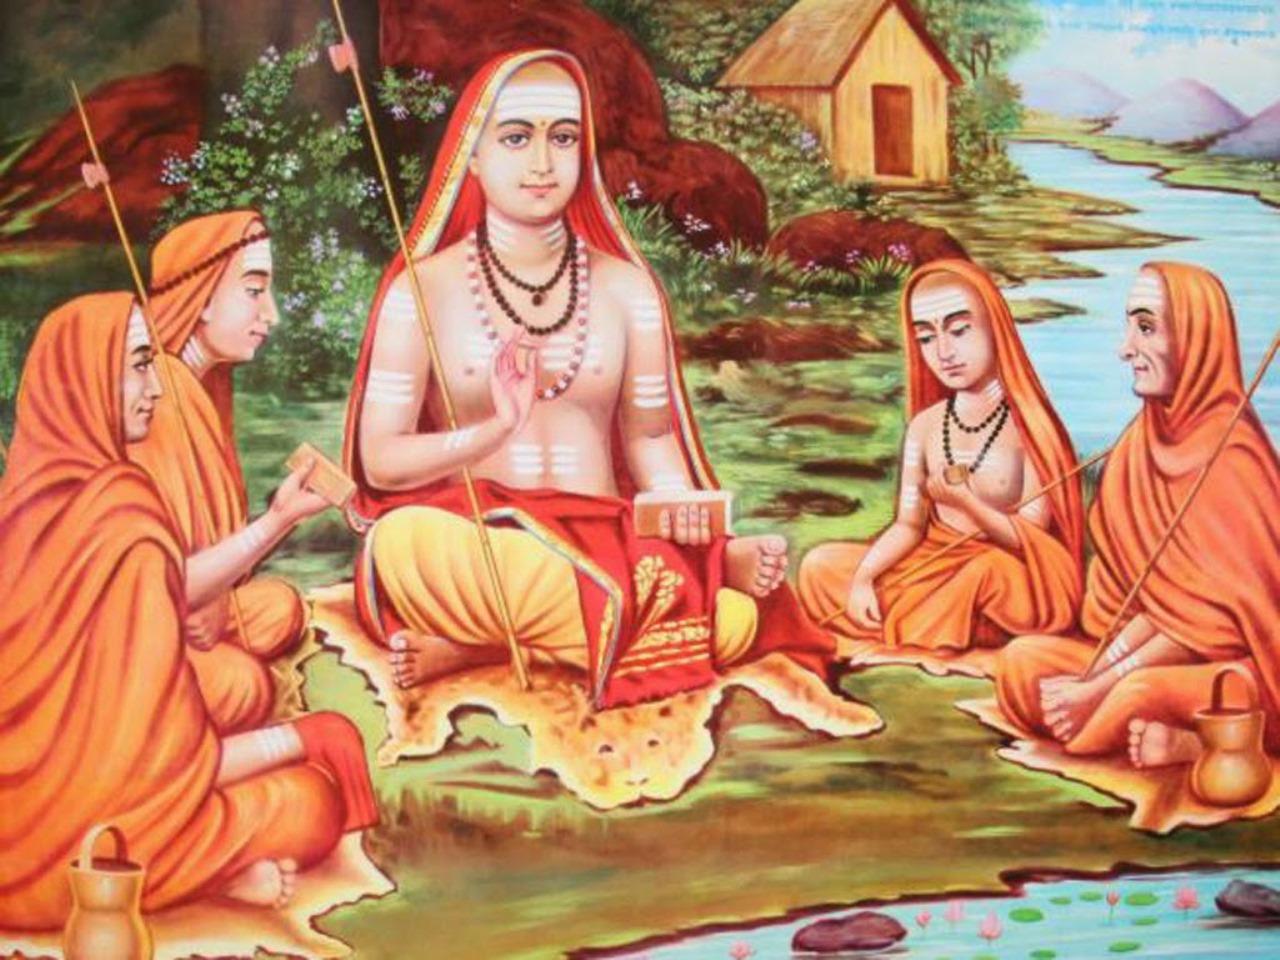 Who Is The Guru?